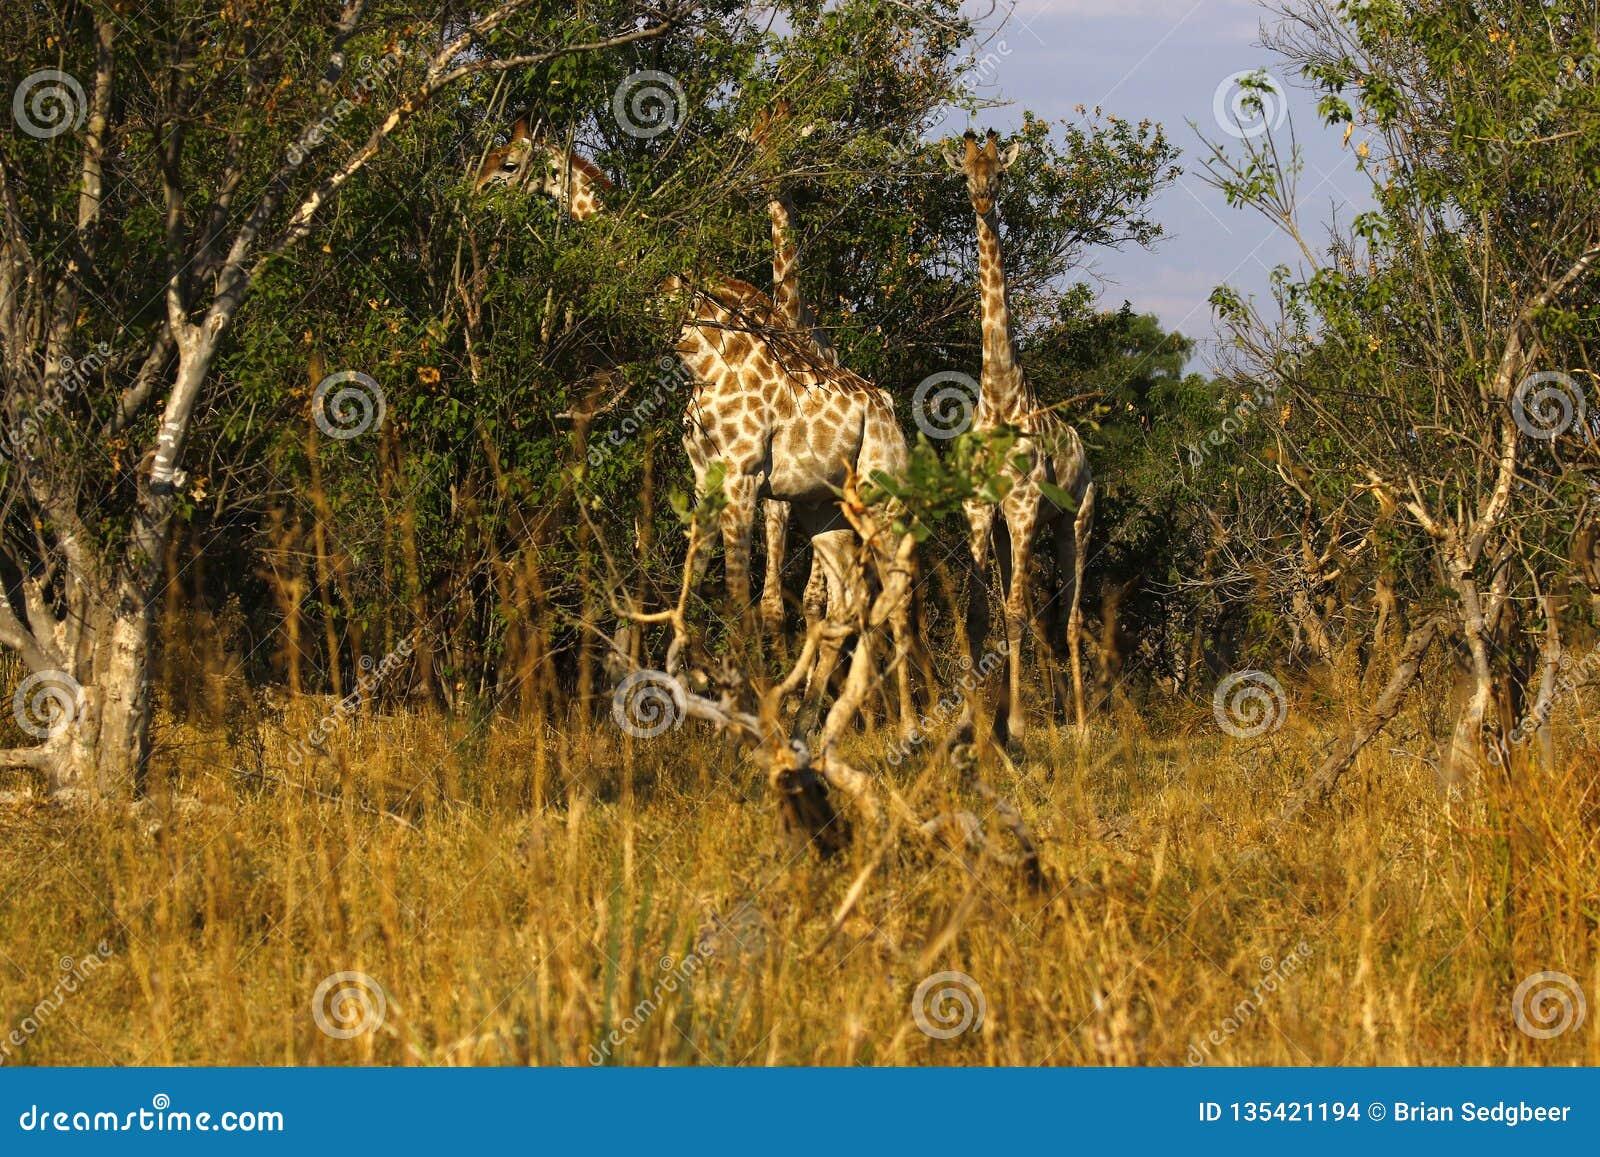 Världens mest högväxta däggdjurs- giraff i den afrikanska busken